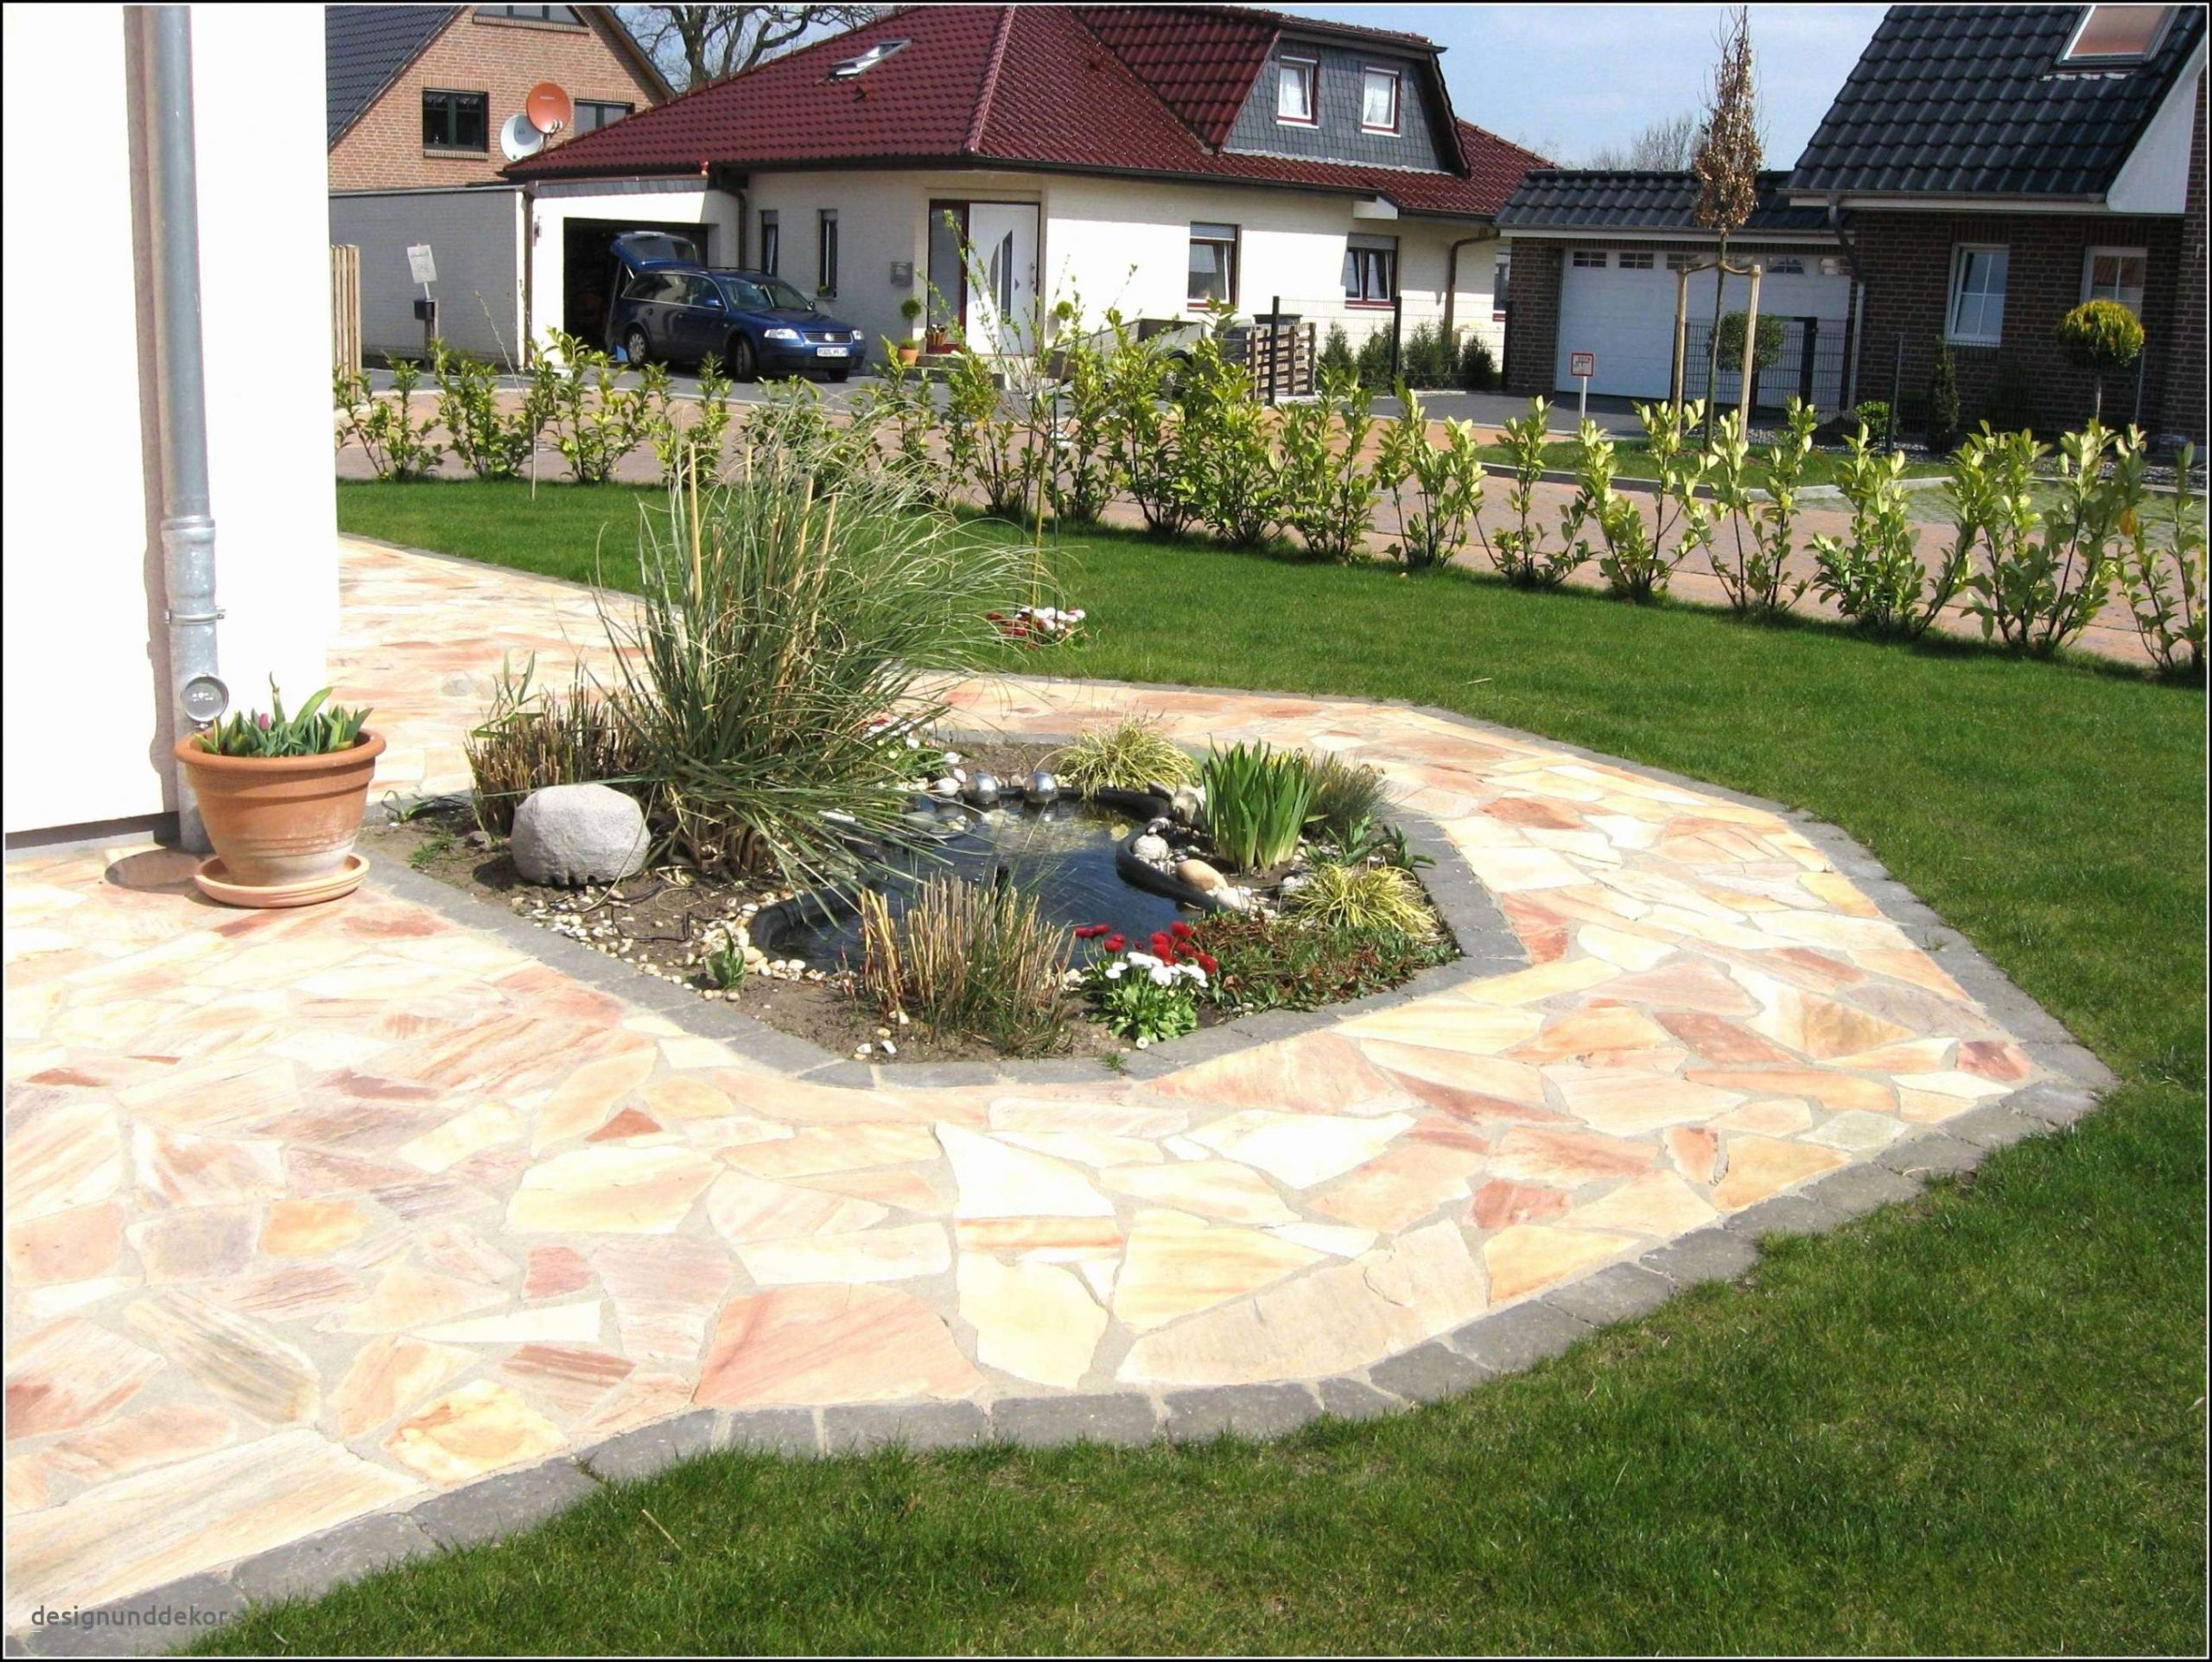 Garten Gestalten Mit Wenig Geld Luxus Garten Gestalten Ideen — Temobardz Home Blog